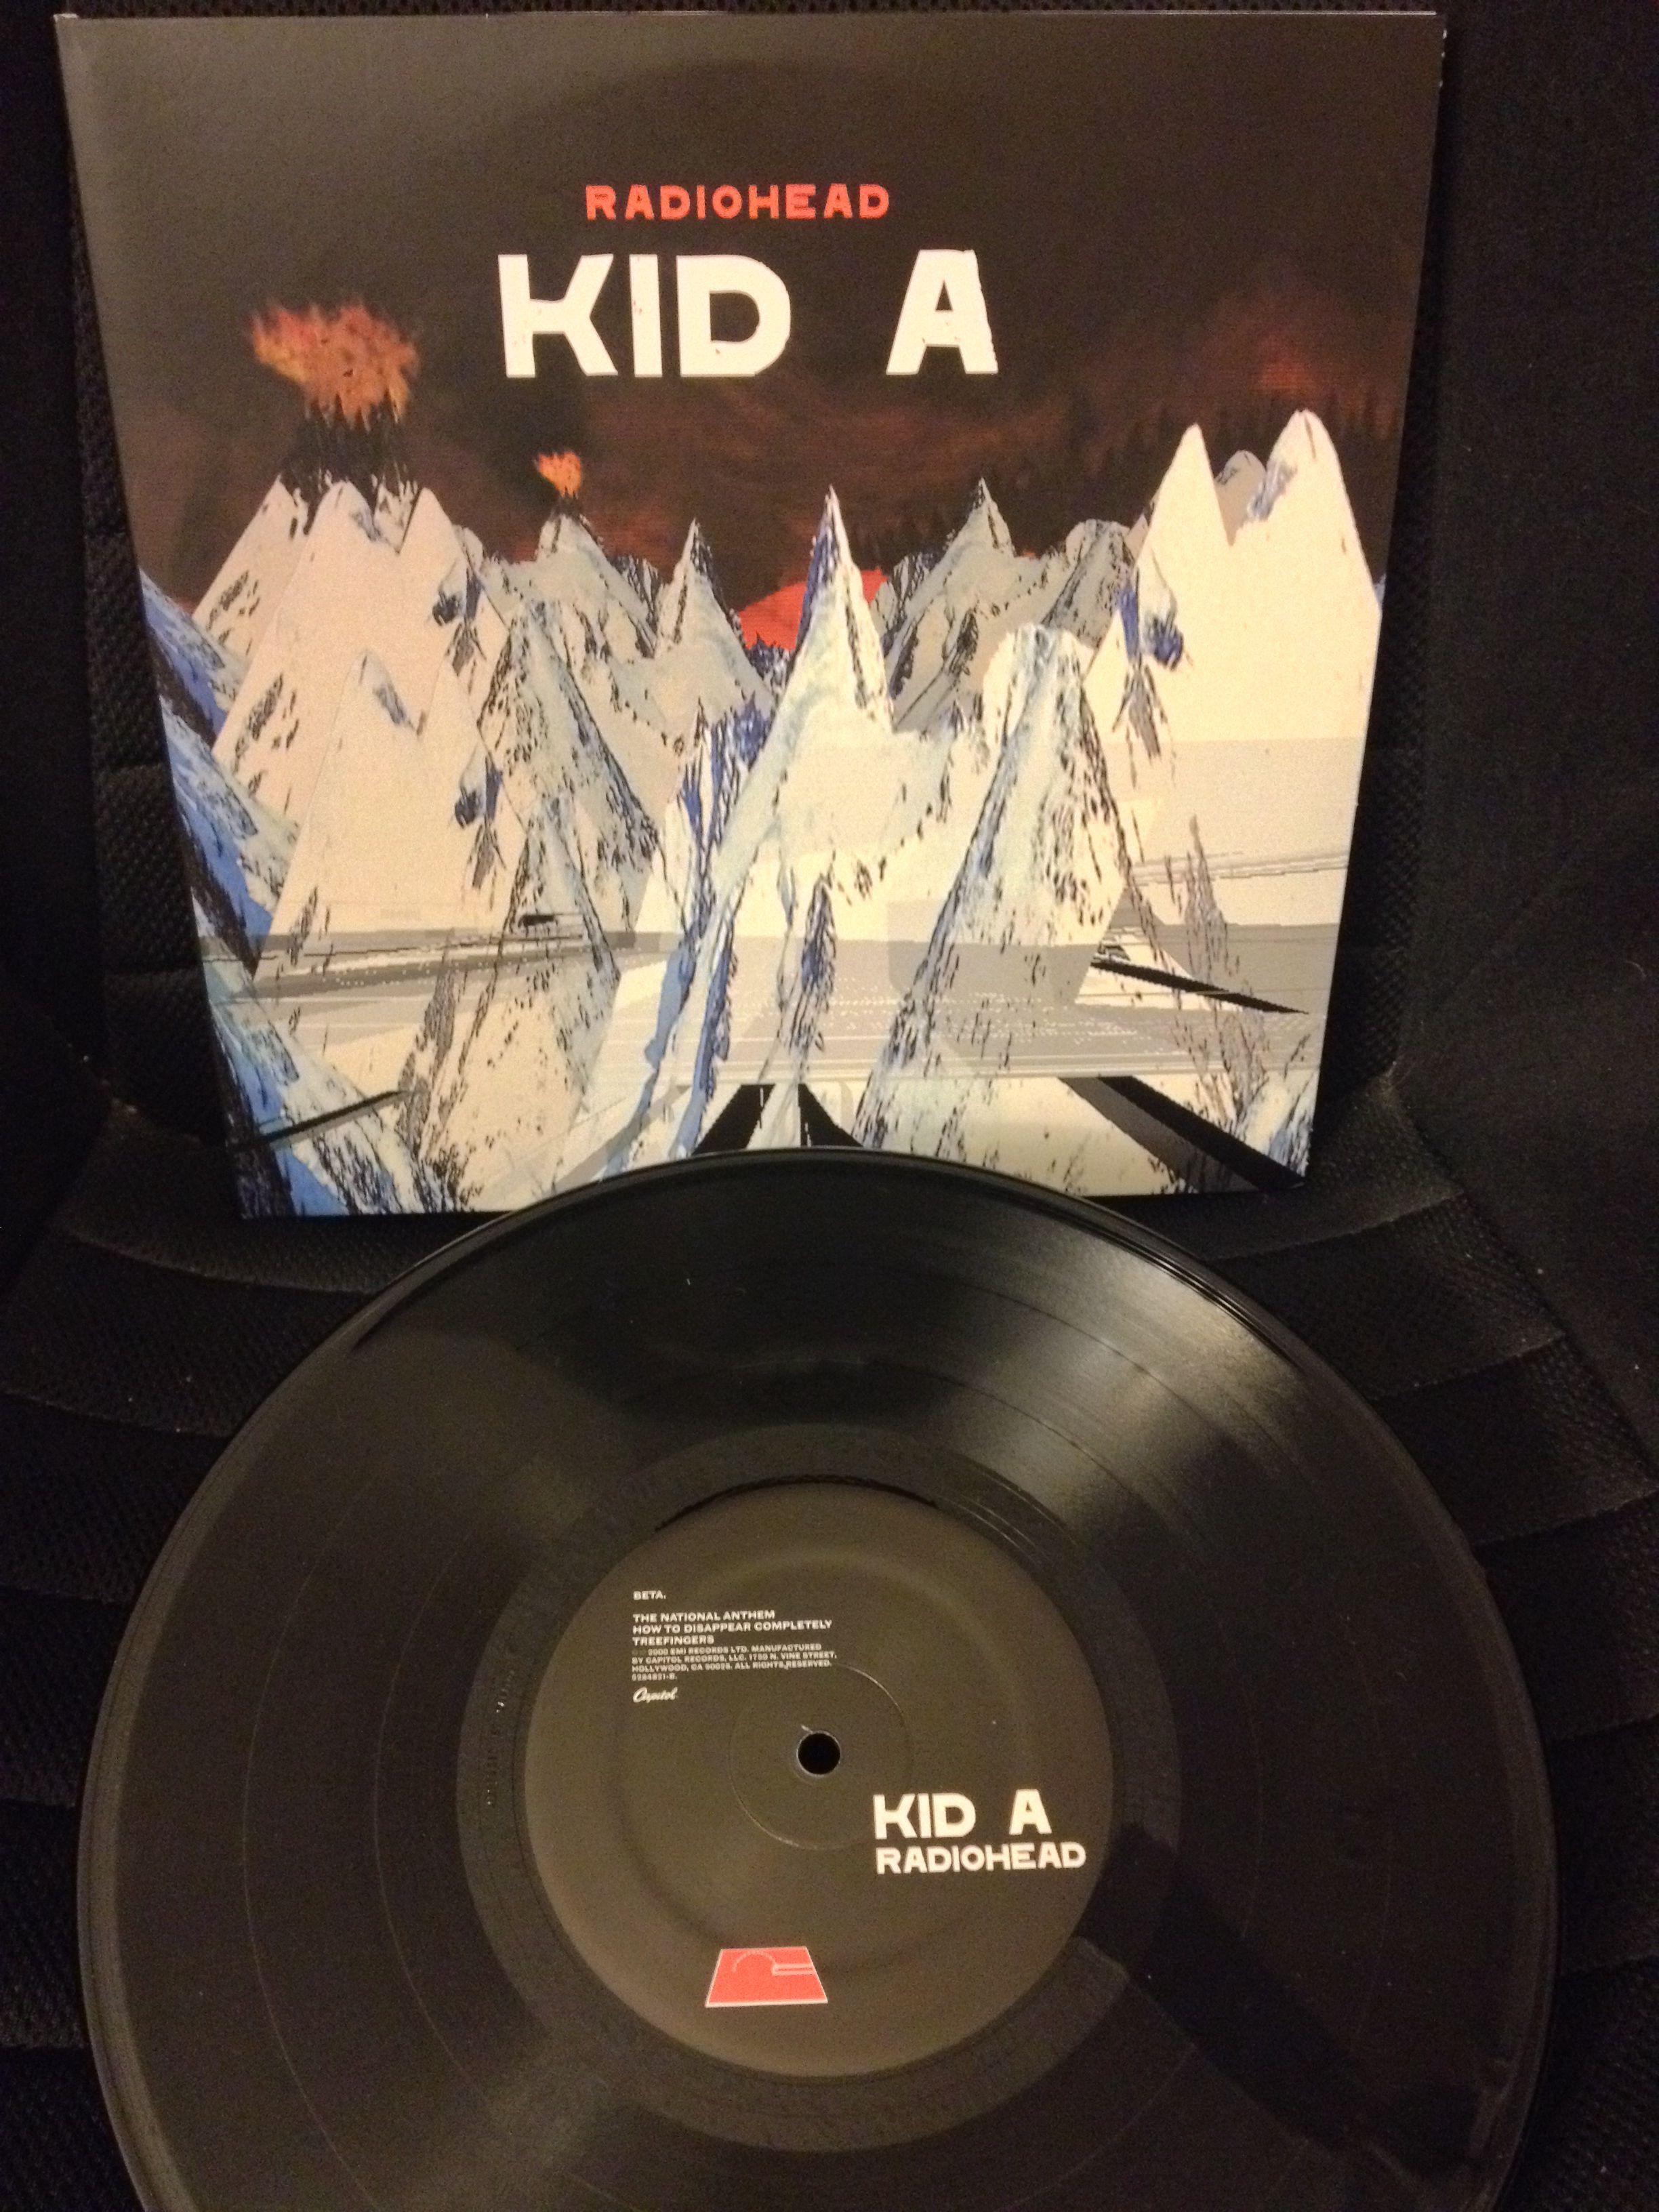 Radiohead Kid A 10 Vinyl Radiohead Kid A Radiohead Vinyl Records